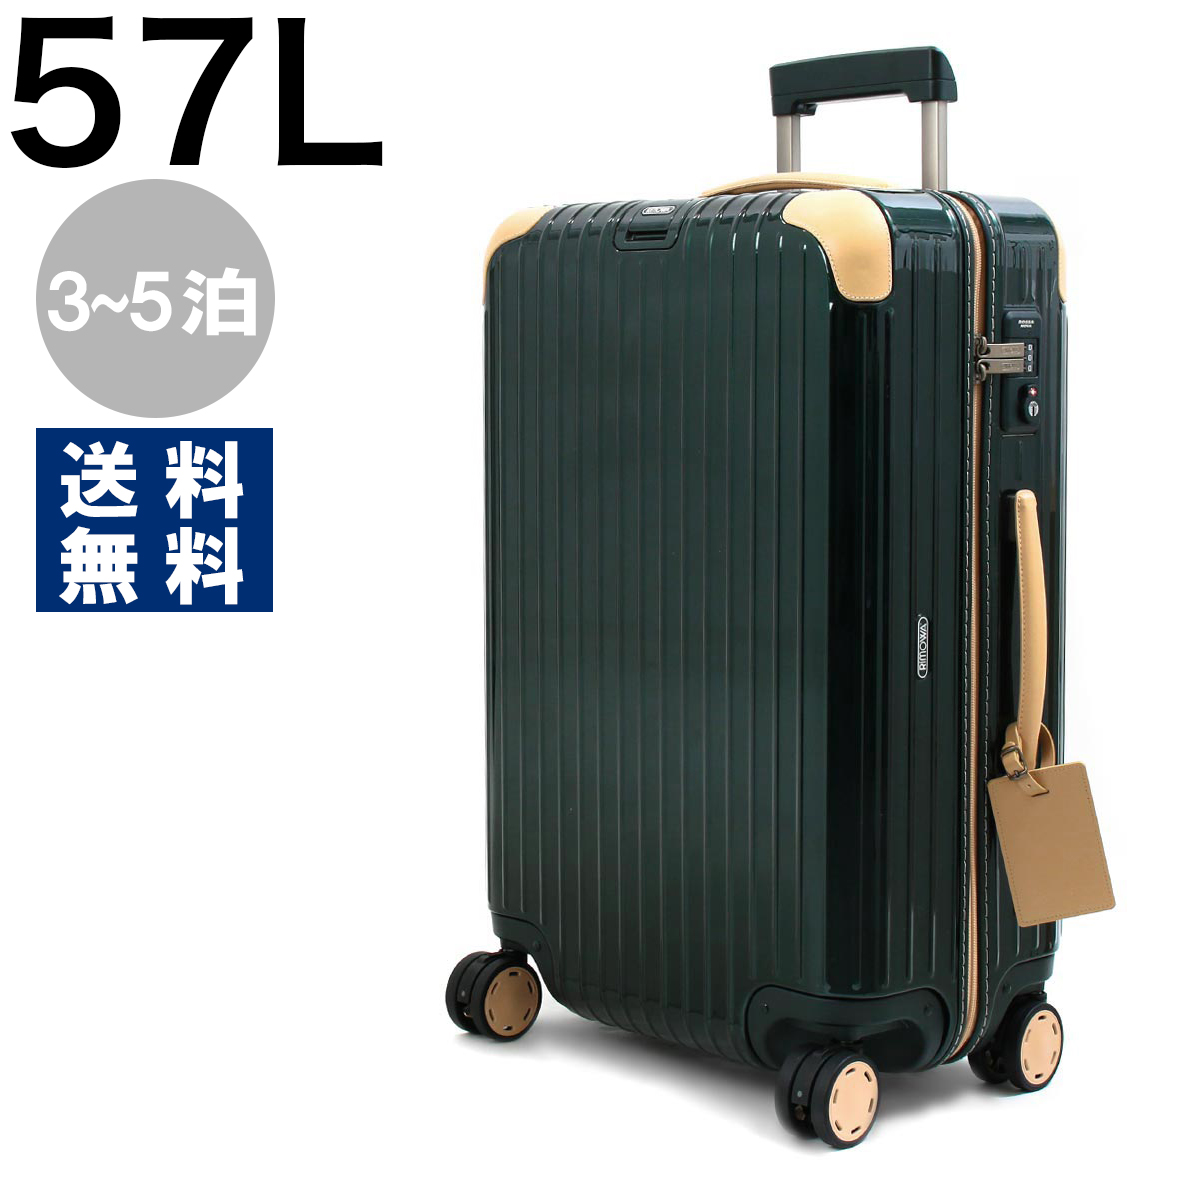 リモワ スーツケース/旅行用バッグ バッグ メンズ レディース ボサノバ 57L 3~5泊 ジェットグリーンナチュラルベージュ 870.63.41.4 RIMOWA